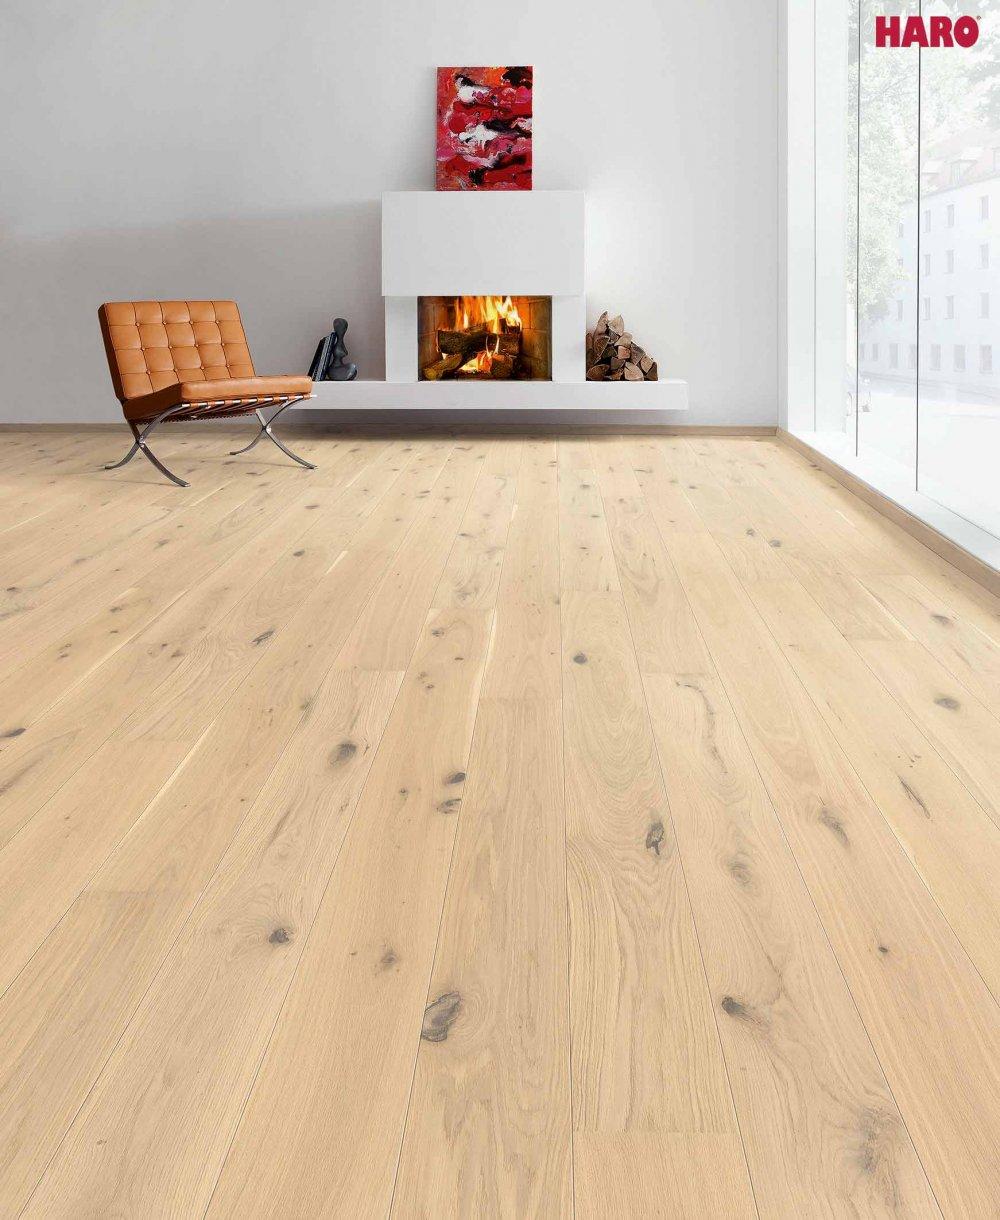 536621 haro parkett landhausdiele 3500 eiche wendelstein strukturiert 2v fase natur ge lt. Black Bedroom Furniture Sets. Home Design Ideas